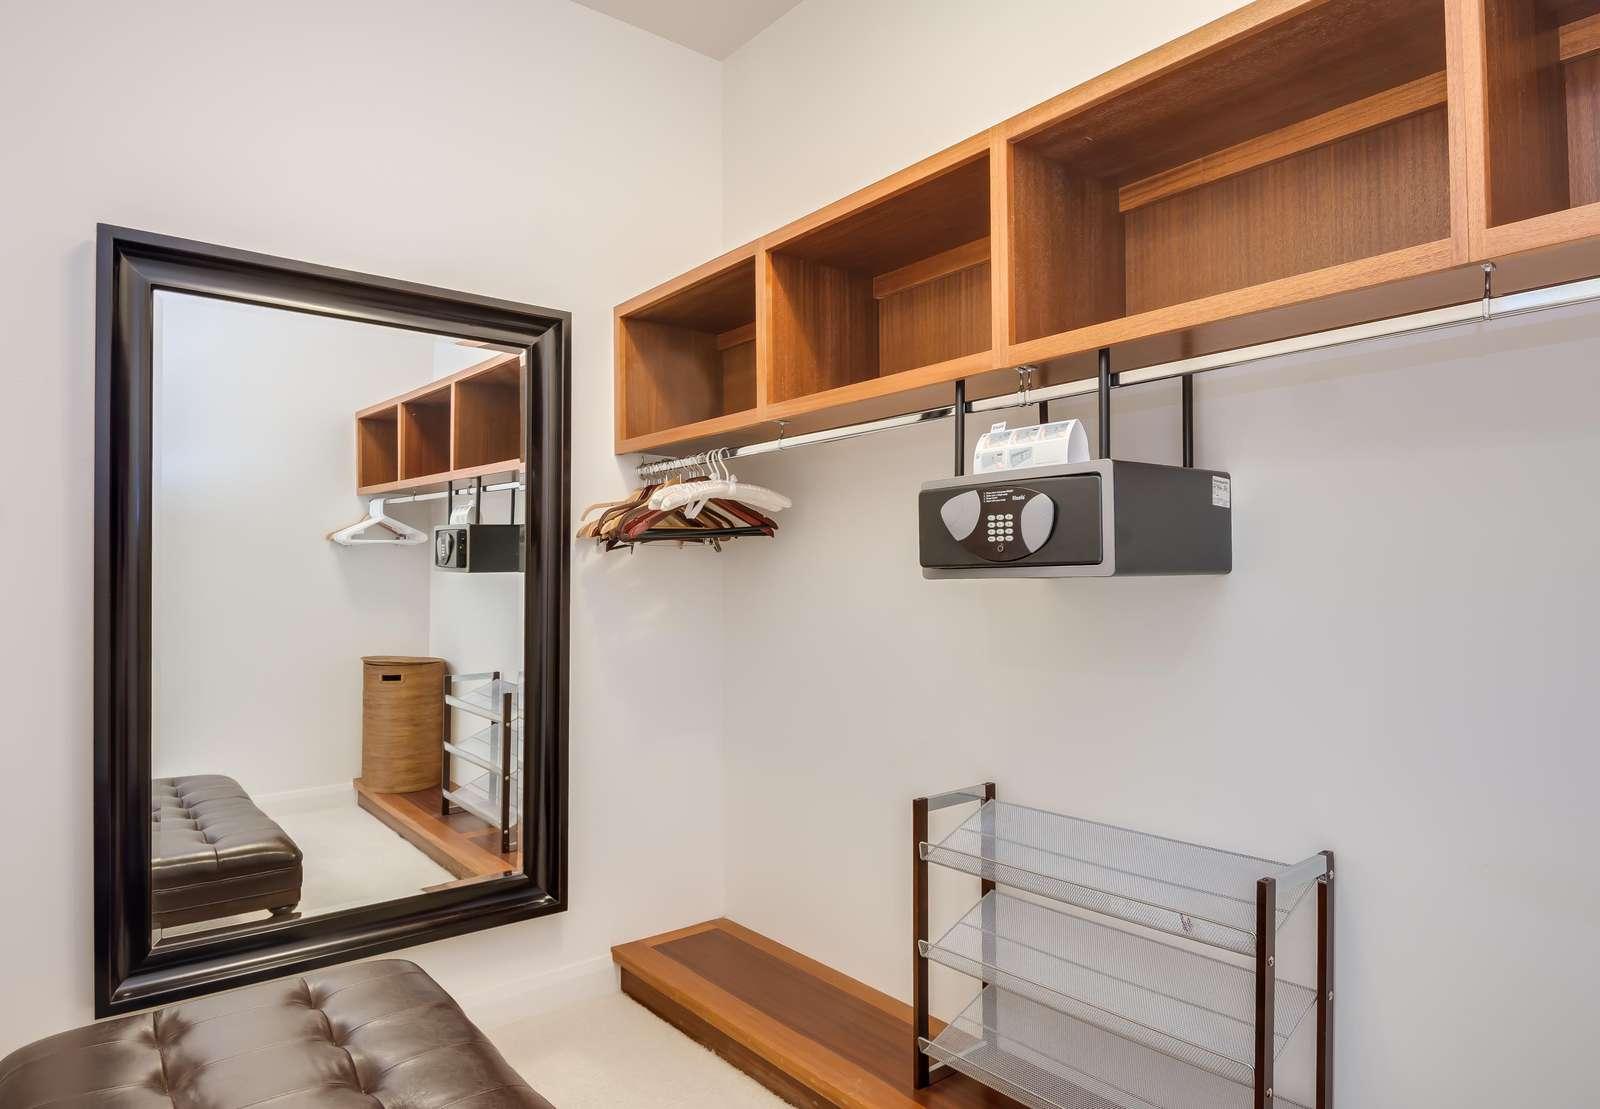 Suite 2 walk-in closet